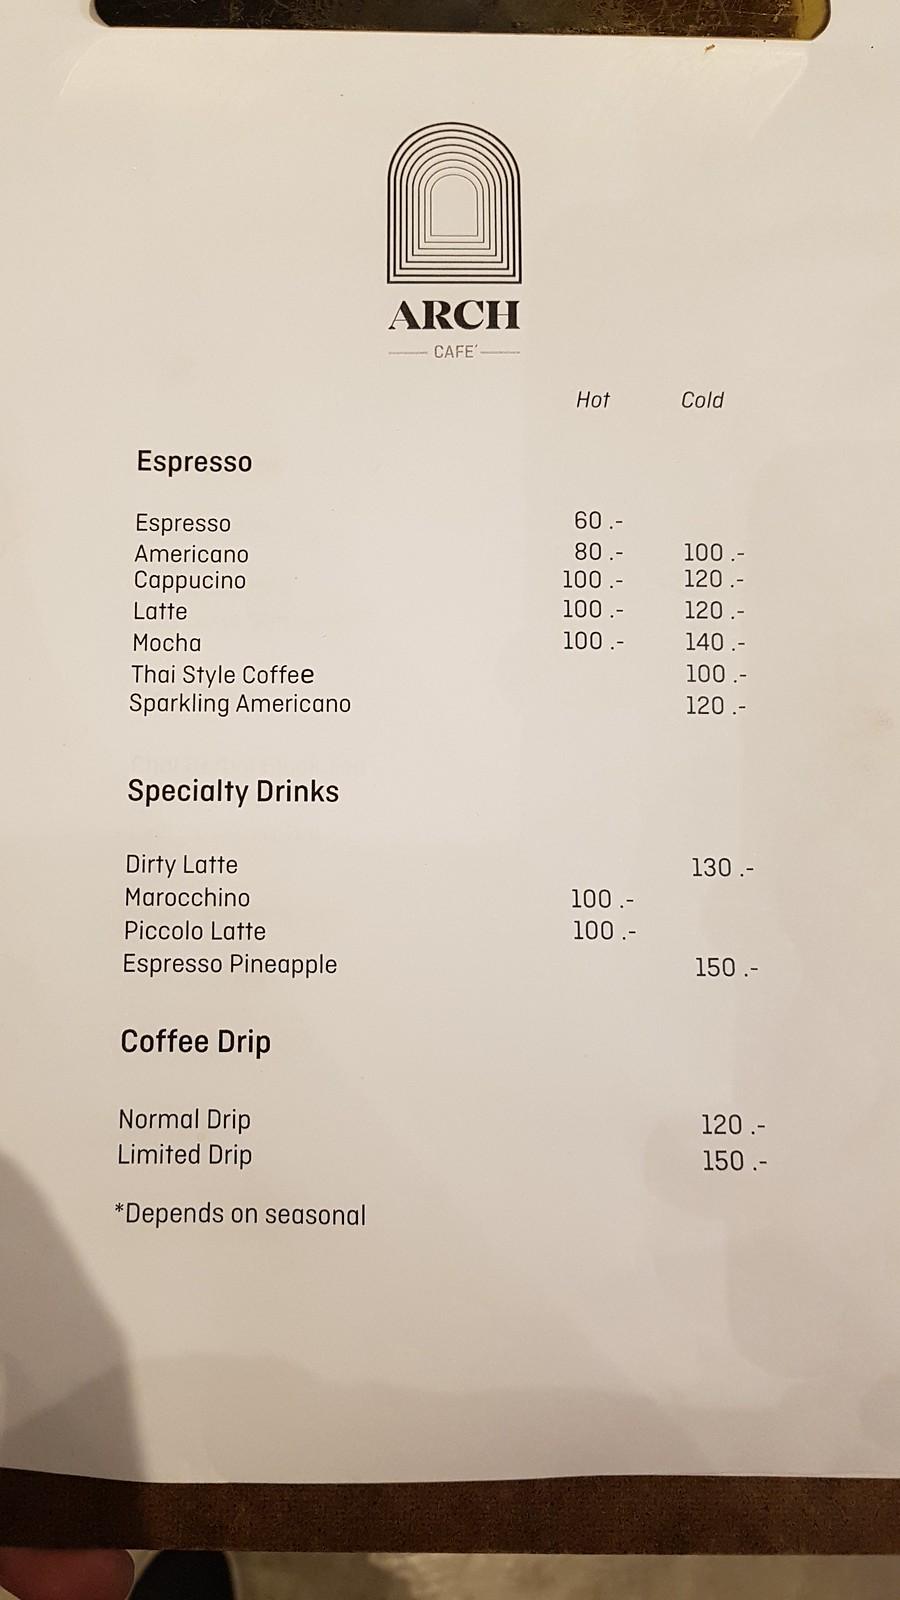 เมนู ARCH Cafe - คาเฟ่ติด บีทีเอส ปุณณวิถี